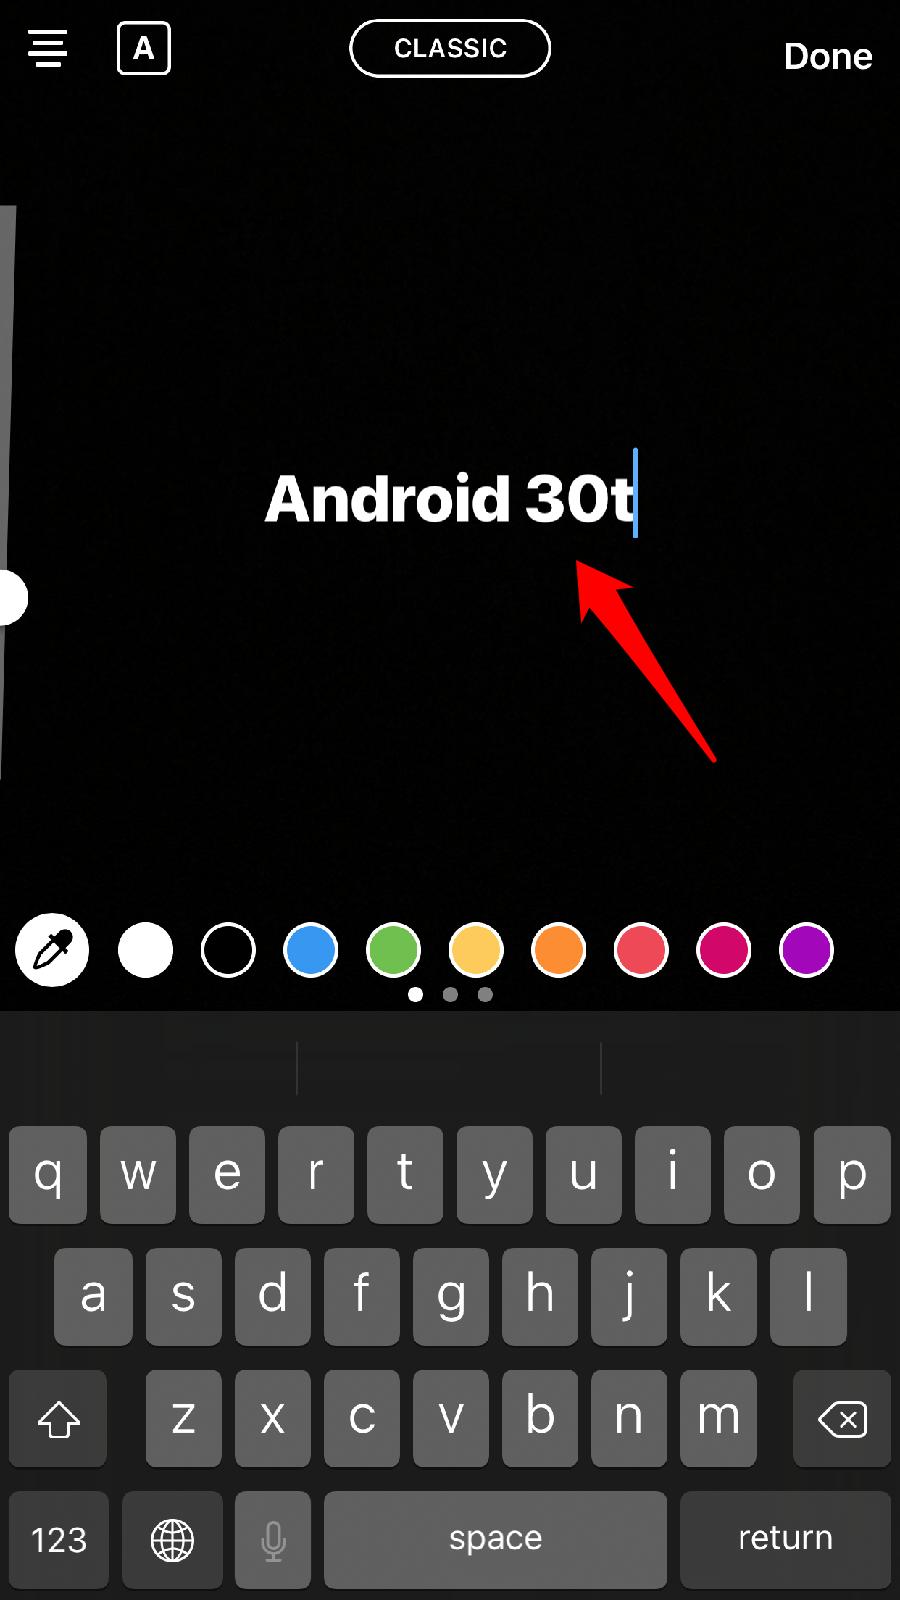 آموزش تایپ رنگی در استوری های اینستاگرام + تصاویر